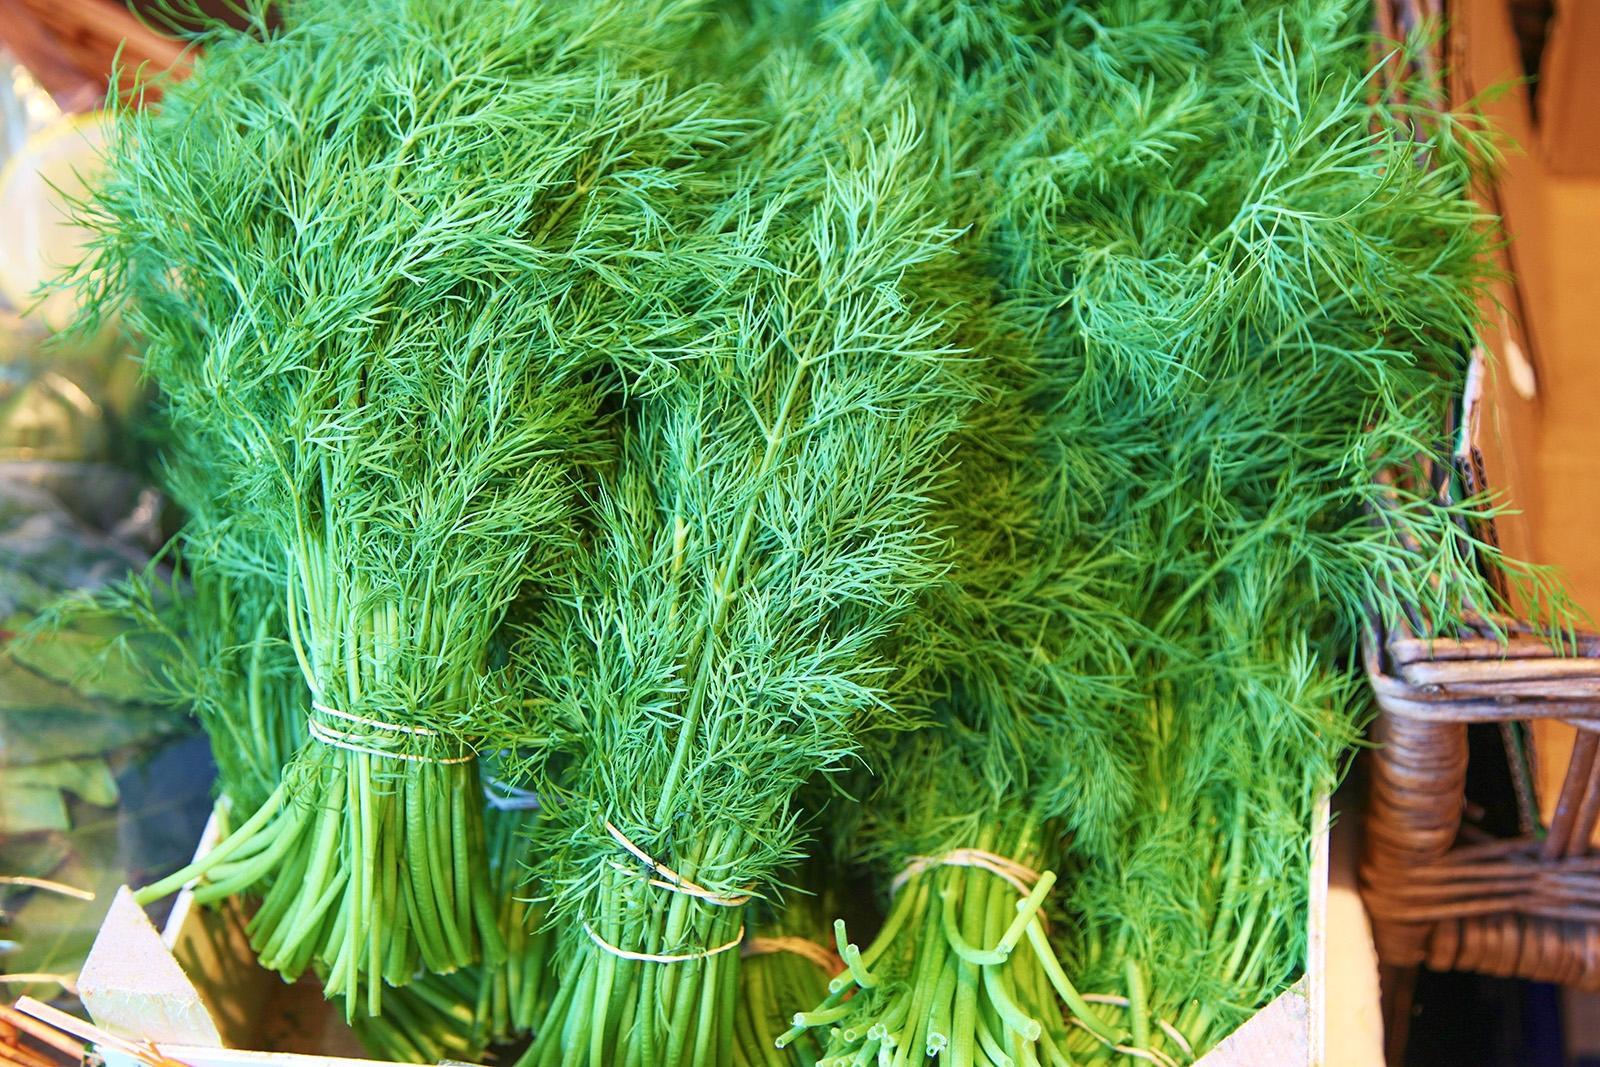 Čerstvý kopr je zdravou bylinkou s lehkou citrusovo anýzovou chutí